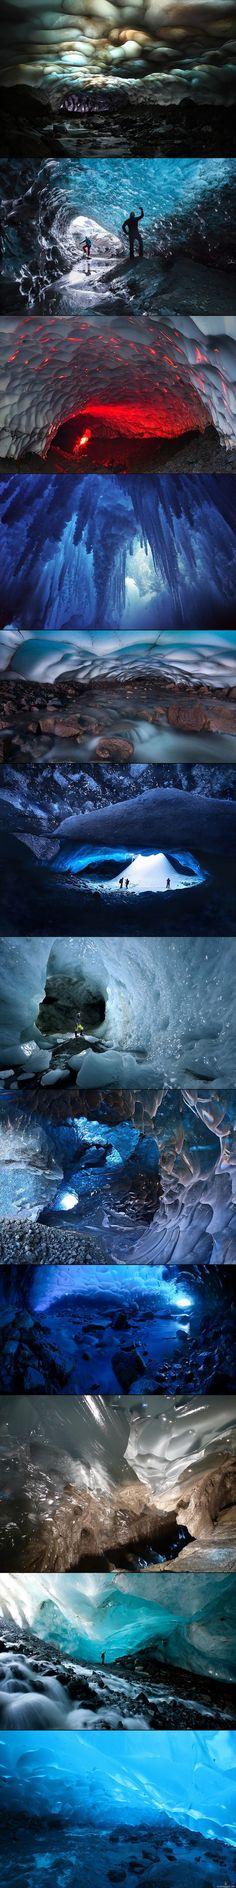 Kuvia jääluolista